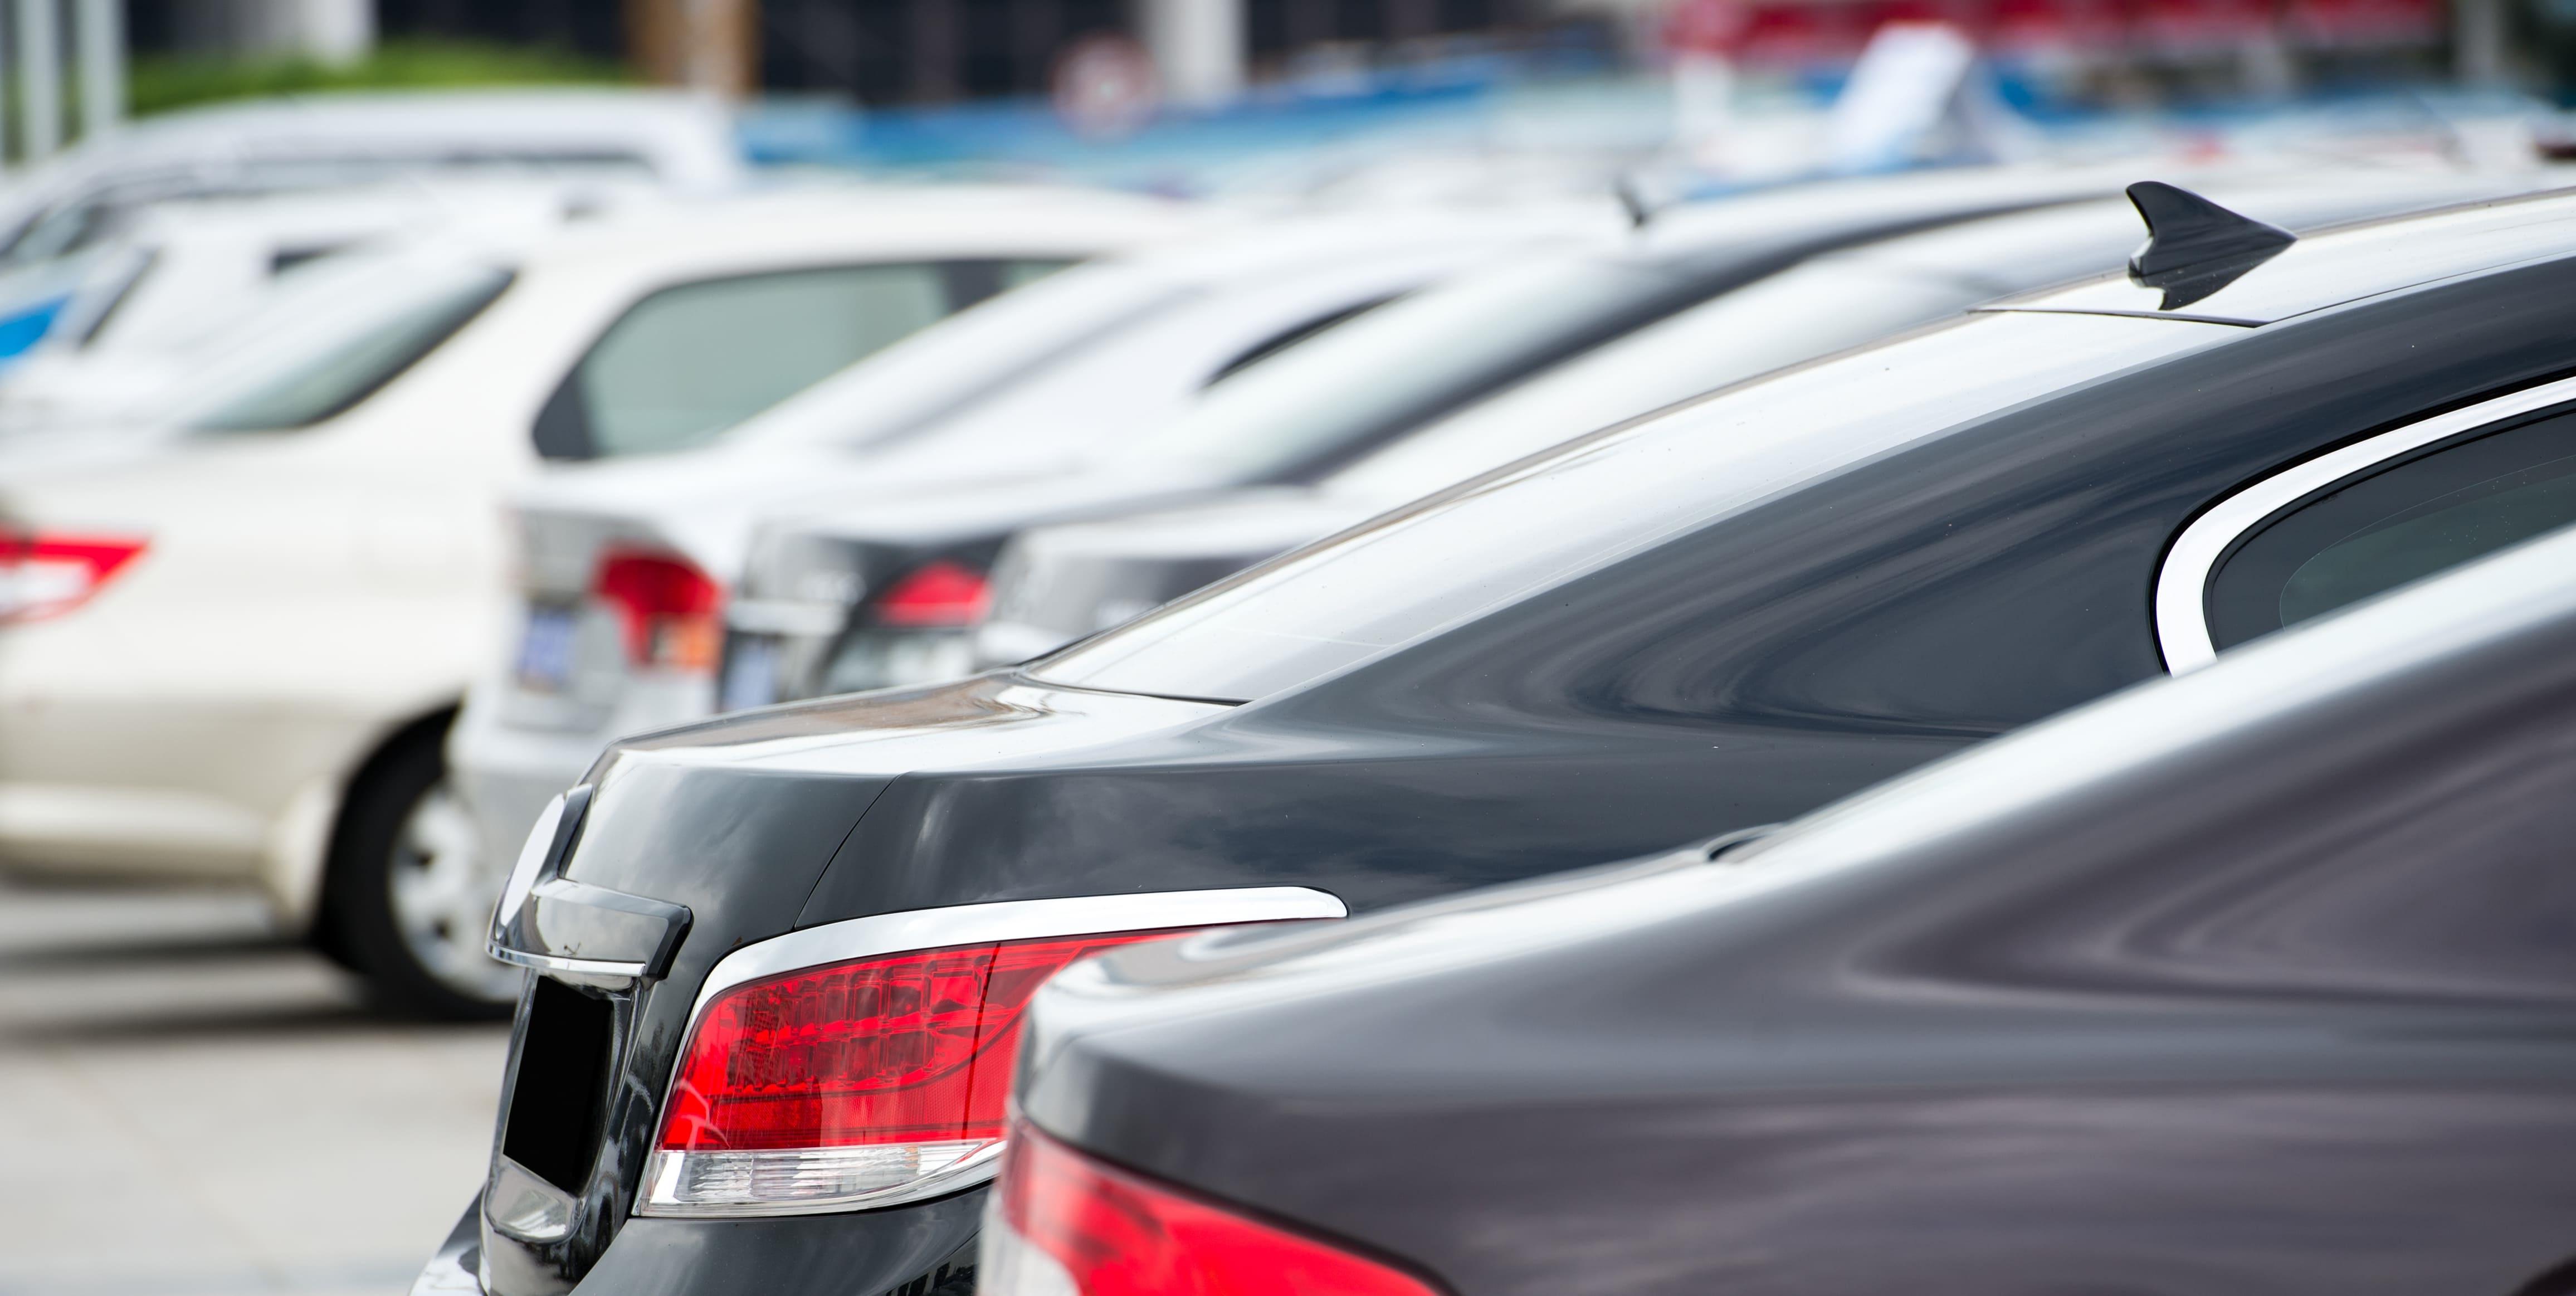 「シビック」の中古車を自社ローンで購入した方の車両価格相場と口コミ(体験談)